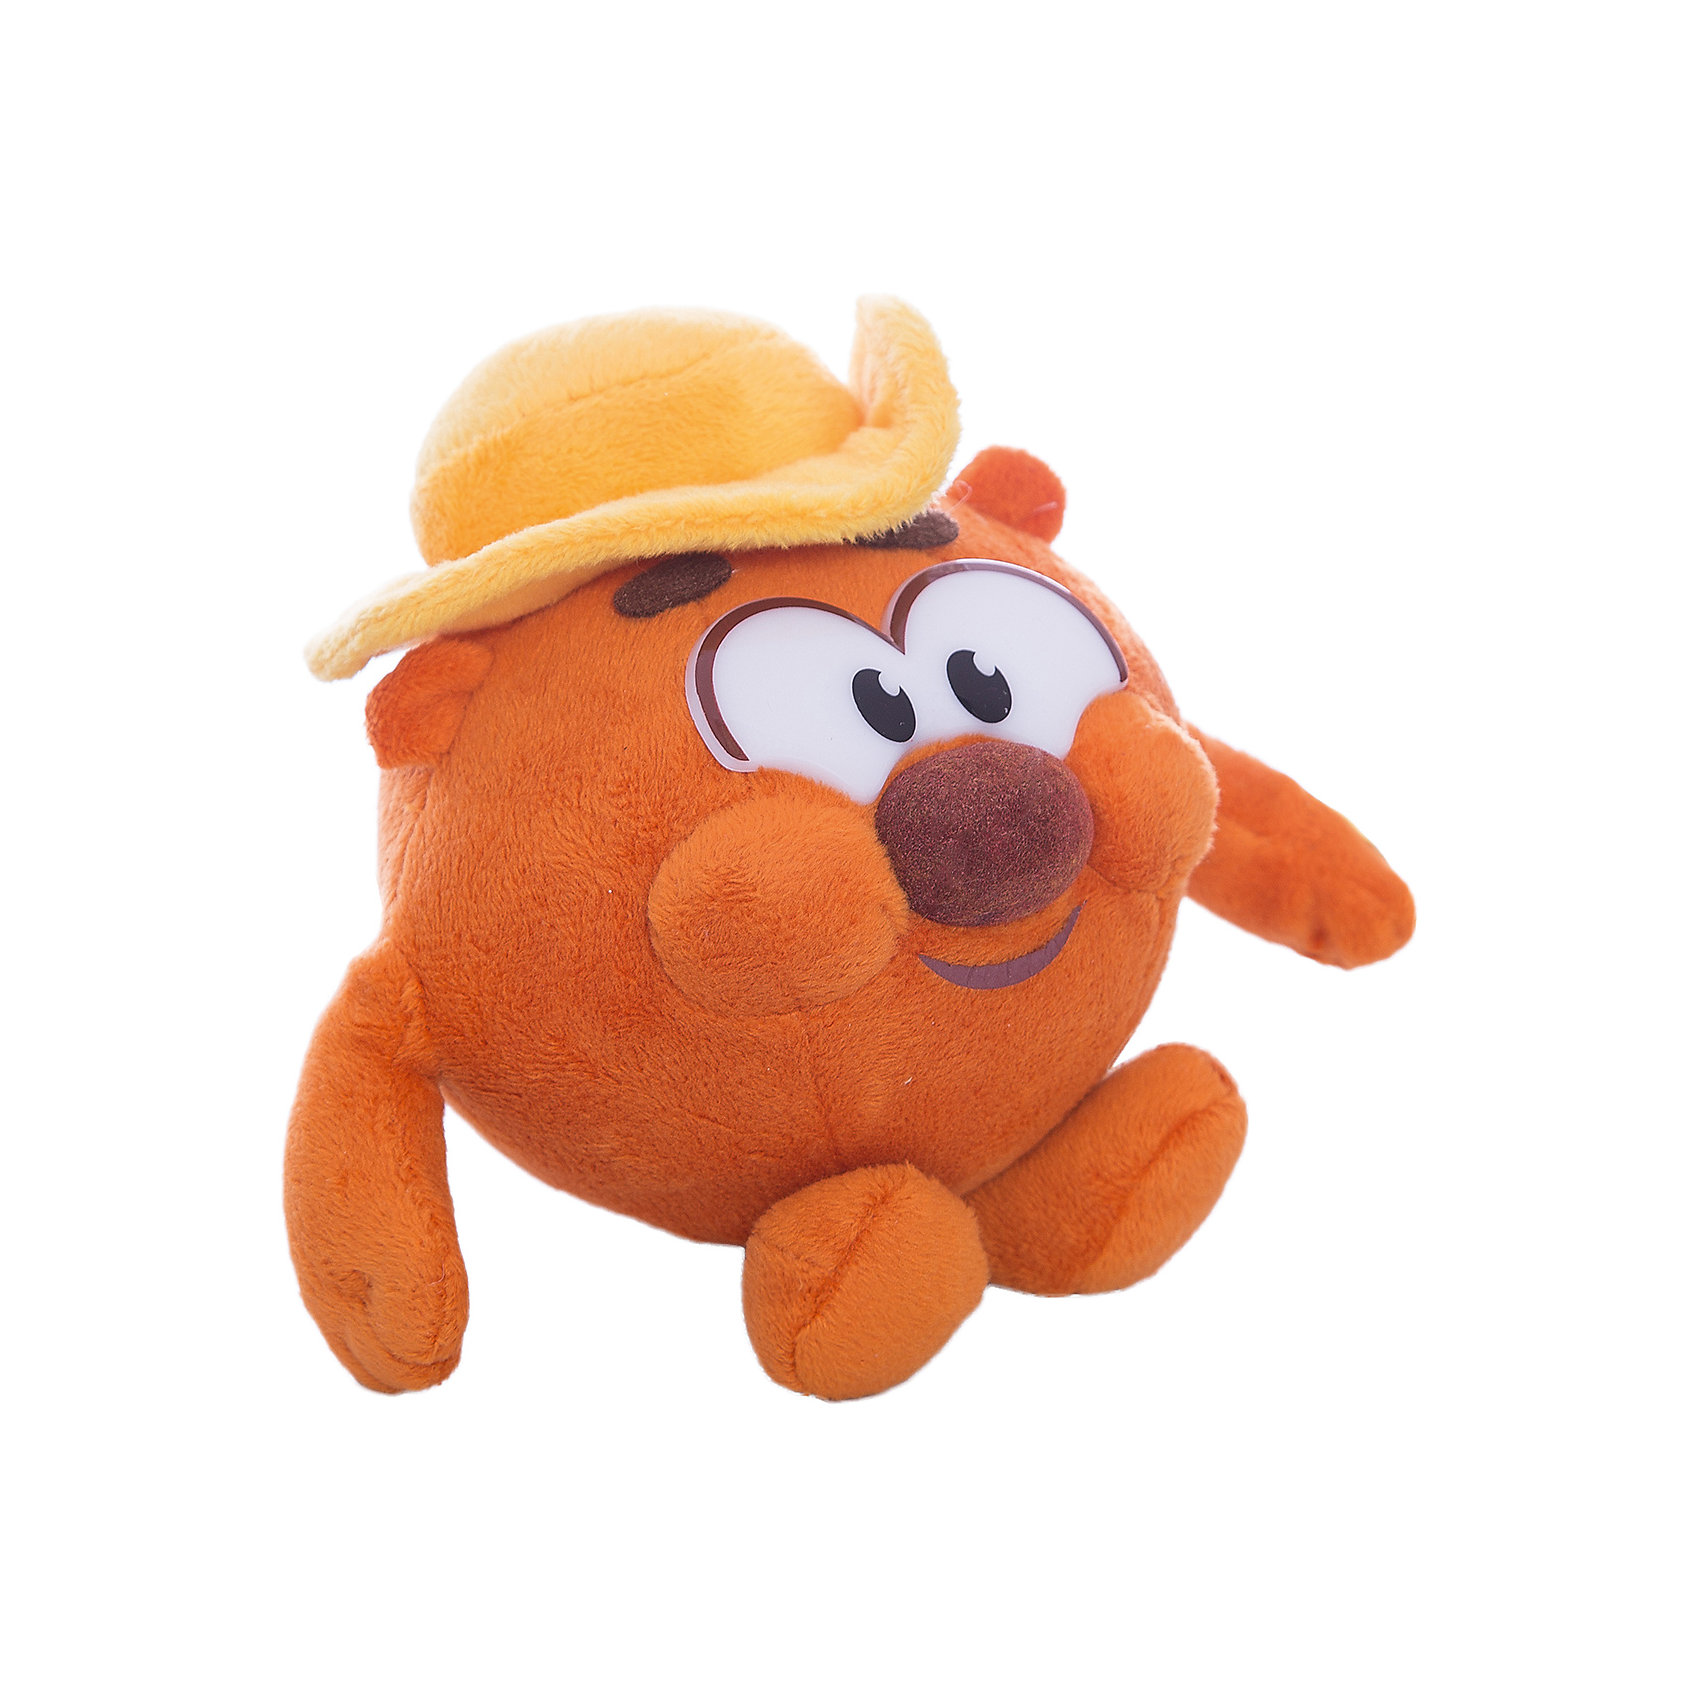 Мягкая игрушка  Копатыч, со звуком, Смешарики, МУЛЬТИ-ПУЛЬТИЗабавная игрушка Копатыч от Мульти-Пульти - персонаж мультсериала Смешарики о приключениях веселых круглых зверюшек. Копатыч - добрый и хозяйственный медведь, который любит выращивать овощи на своем огороде. Если Ваш ребенок поклонник мультсериала Смешарики он наверняка обрадуется такому подарку. Игрушка озвучена голосом героя мультфильма и произносит несколько фраз.<br><br>Дополнительная информация:<br><br>- Материал: текстиль, синтепон.<br>- Требуются батарейки: 3 х AG13 / LR44 (в комплекте).<br>- Размеры игрушки: 10 х 12 х 12 см.<br>- Высота игрушки: 10 см.<br>- Вес:  0.2 кг. <br><br>Мягкую игрушку Копатыч (Смешарики) от Мульти-Пульти можно купить в нашем магазине.<br><br>Ширина мм: 100<br>Глубина мм: 100<br>Высота мм: 100<br>Вес г: 73<br>Возраст от месяцев: 24<br>Возраст до месяцев: 1188<br>Пол: Унисекс<br>Возраст: Детский<br>SKU: 3384125